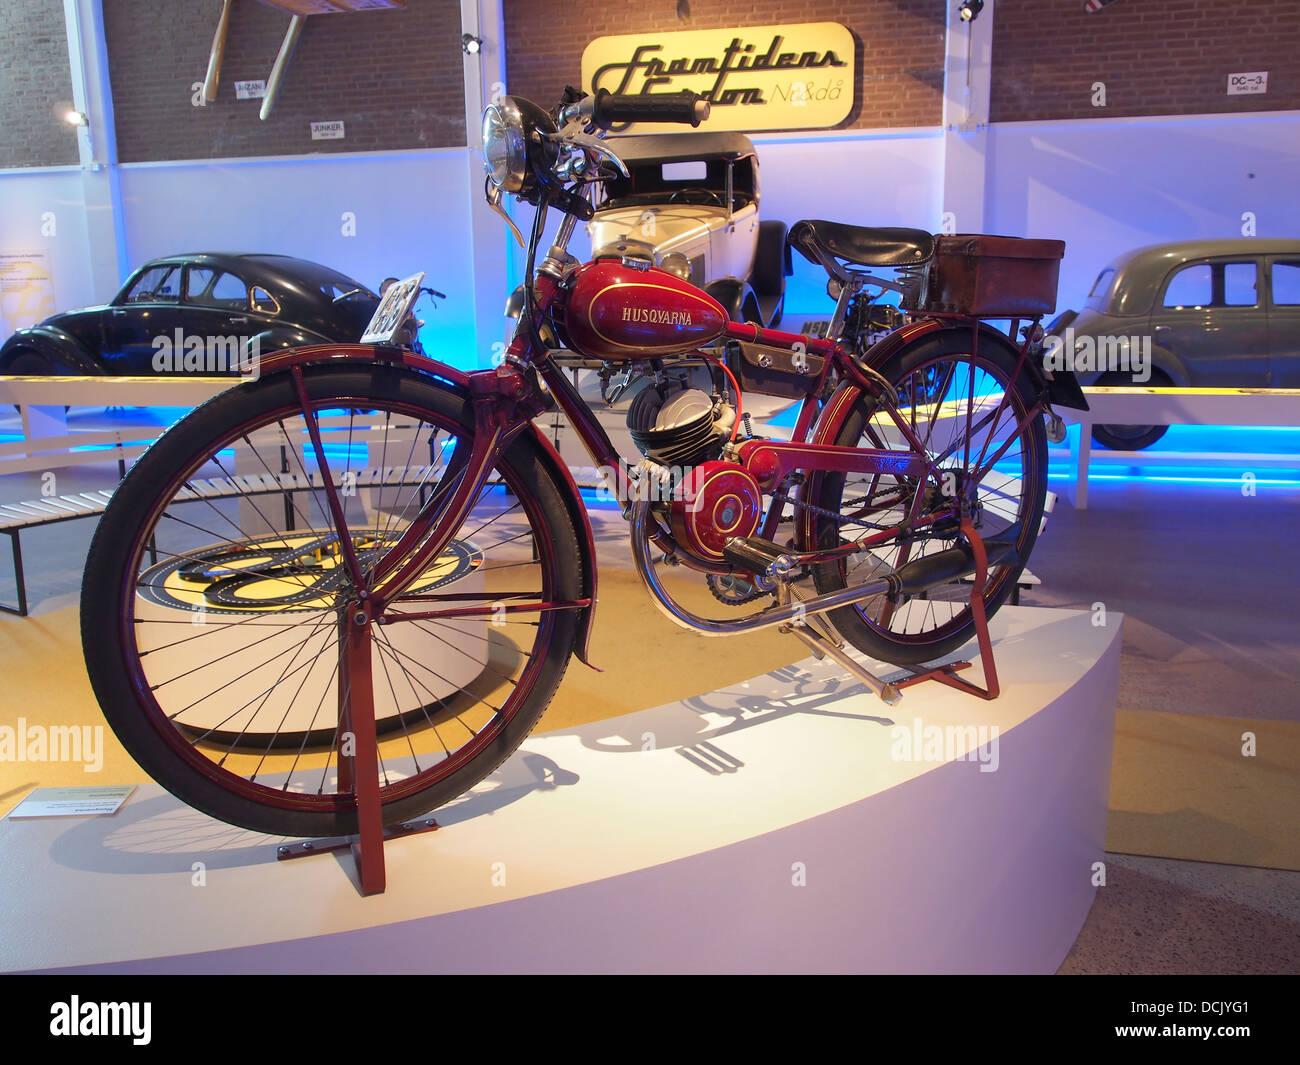 1938 Husqvarna motorcycle Teknikens och Sj C3 B6fartens hus, Science and Maritime House - Stock Image